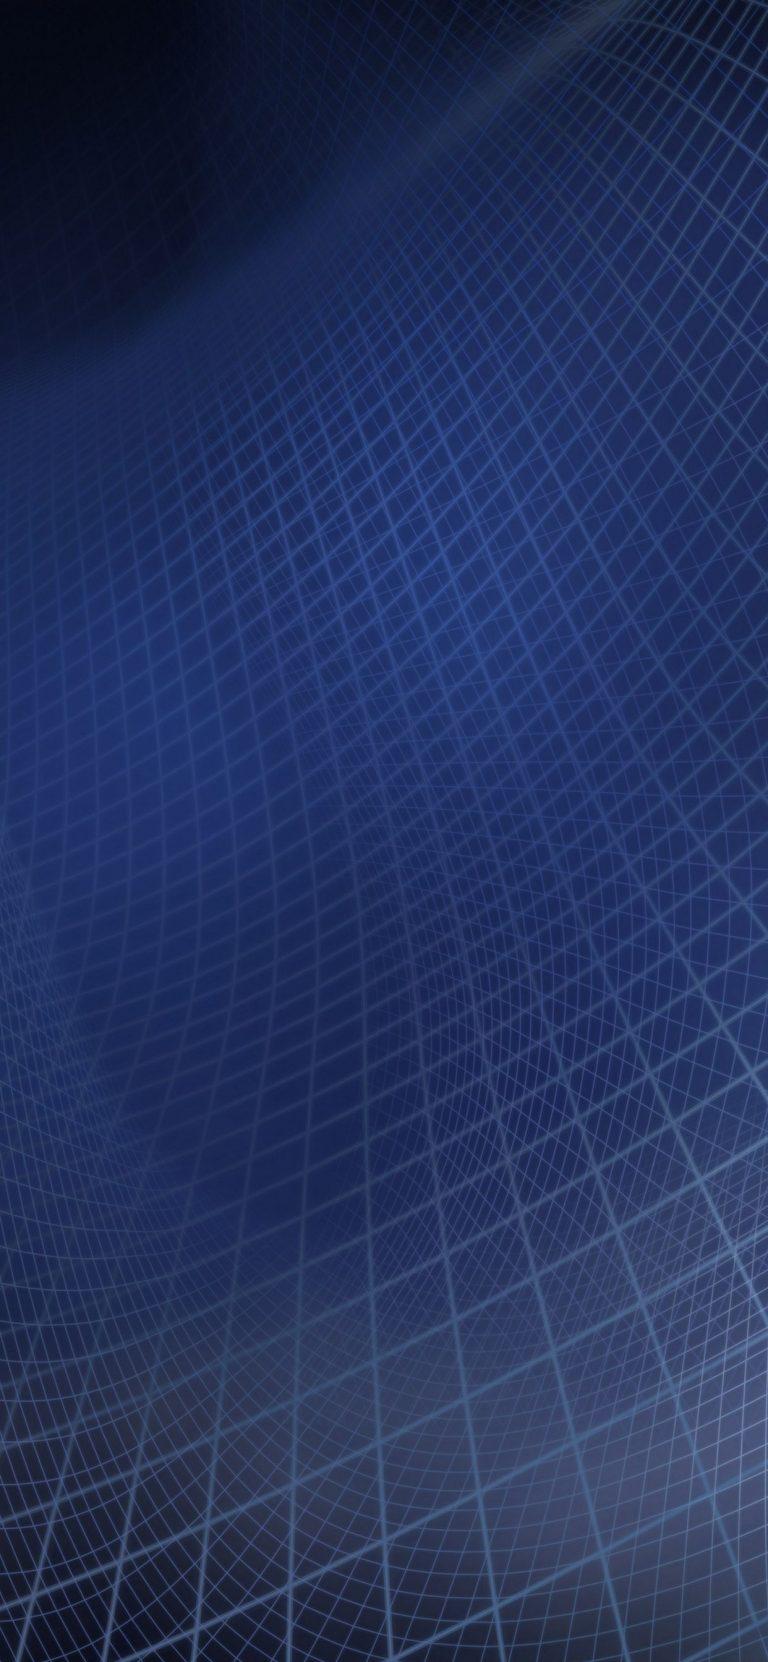 1242x2688 Wallpaper 327 768x1662